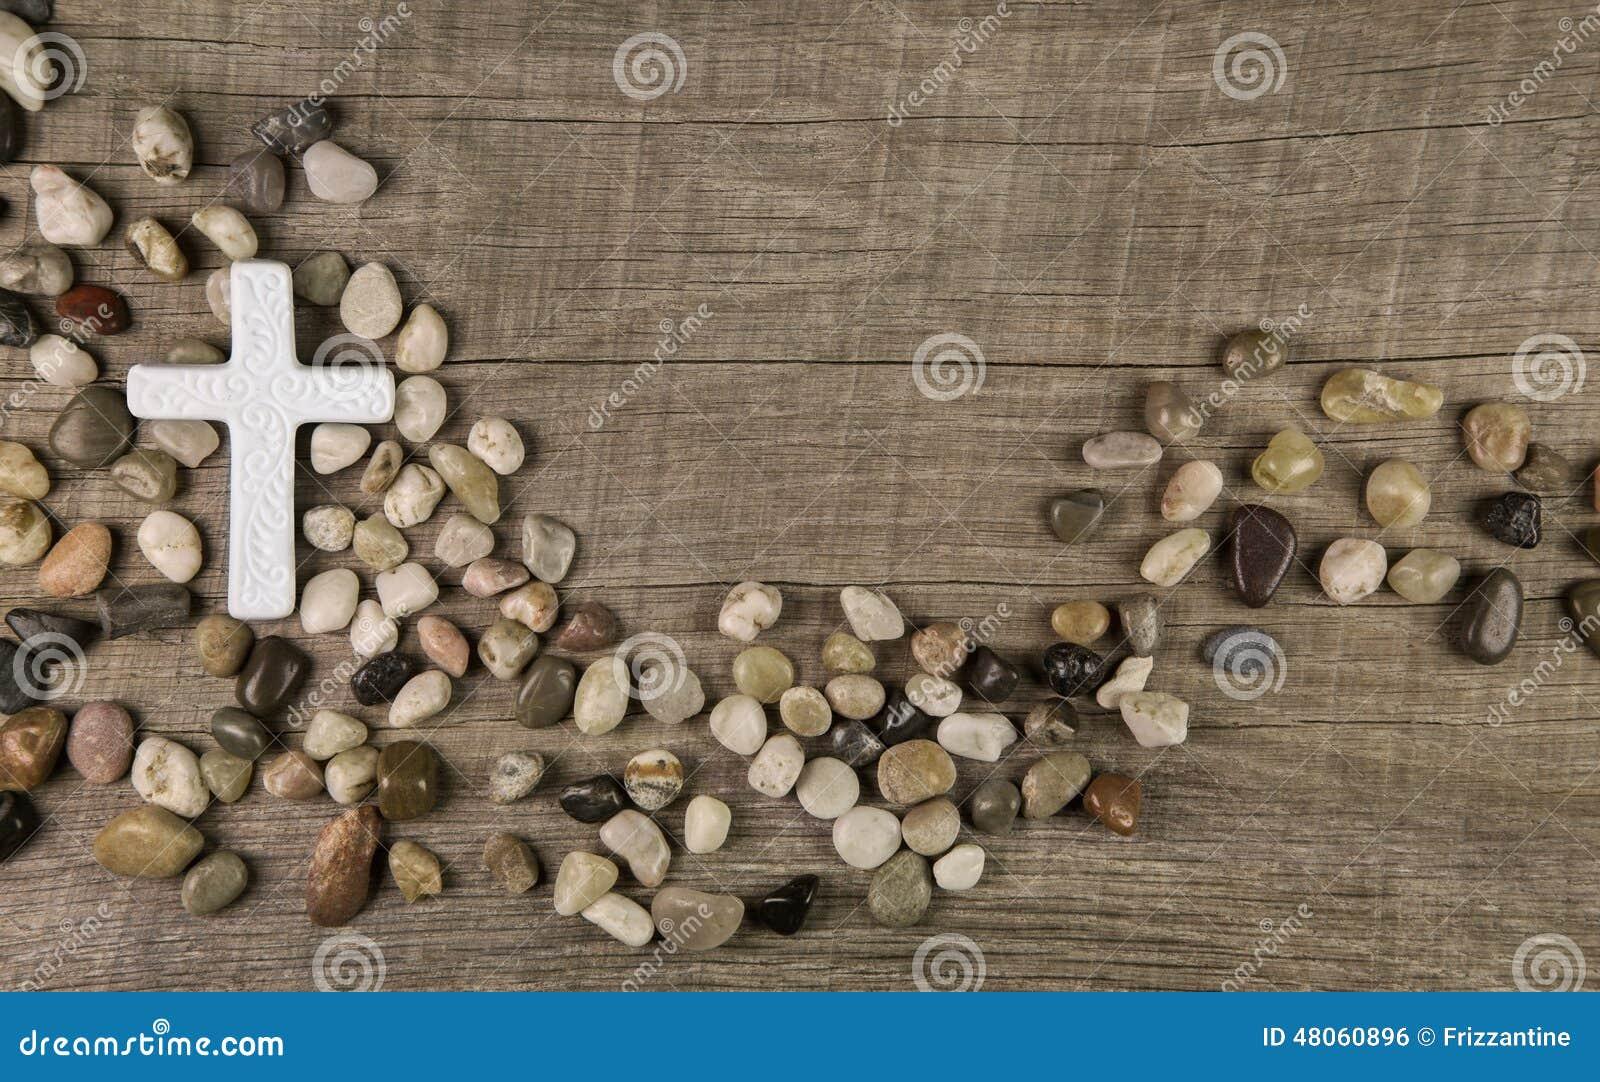 Cruz de piedras en el fondo de madera para la condolencia o estar de luto